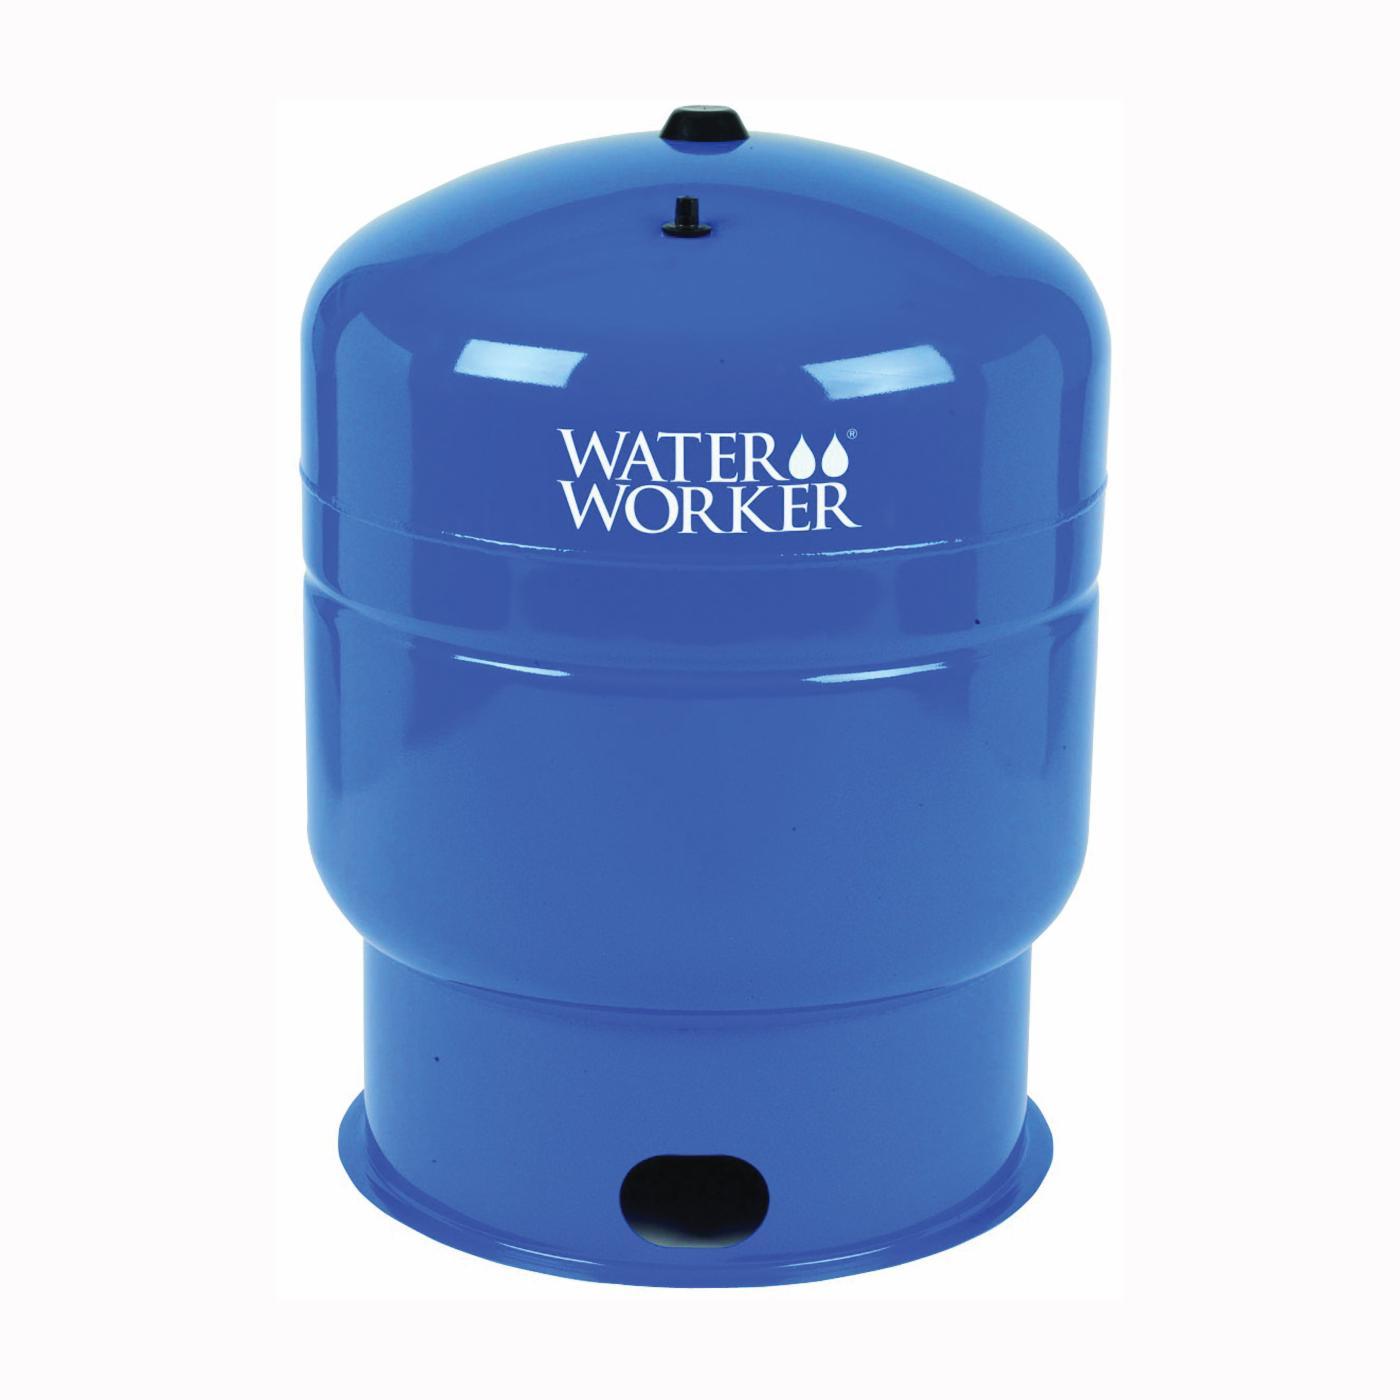 WATER WORKER HT-119B